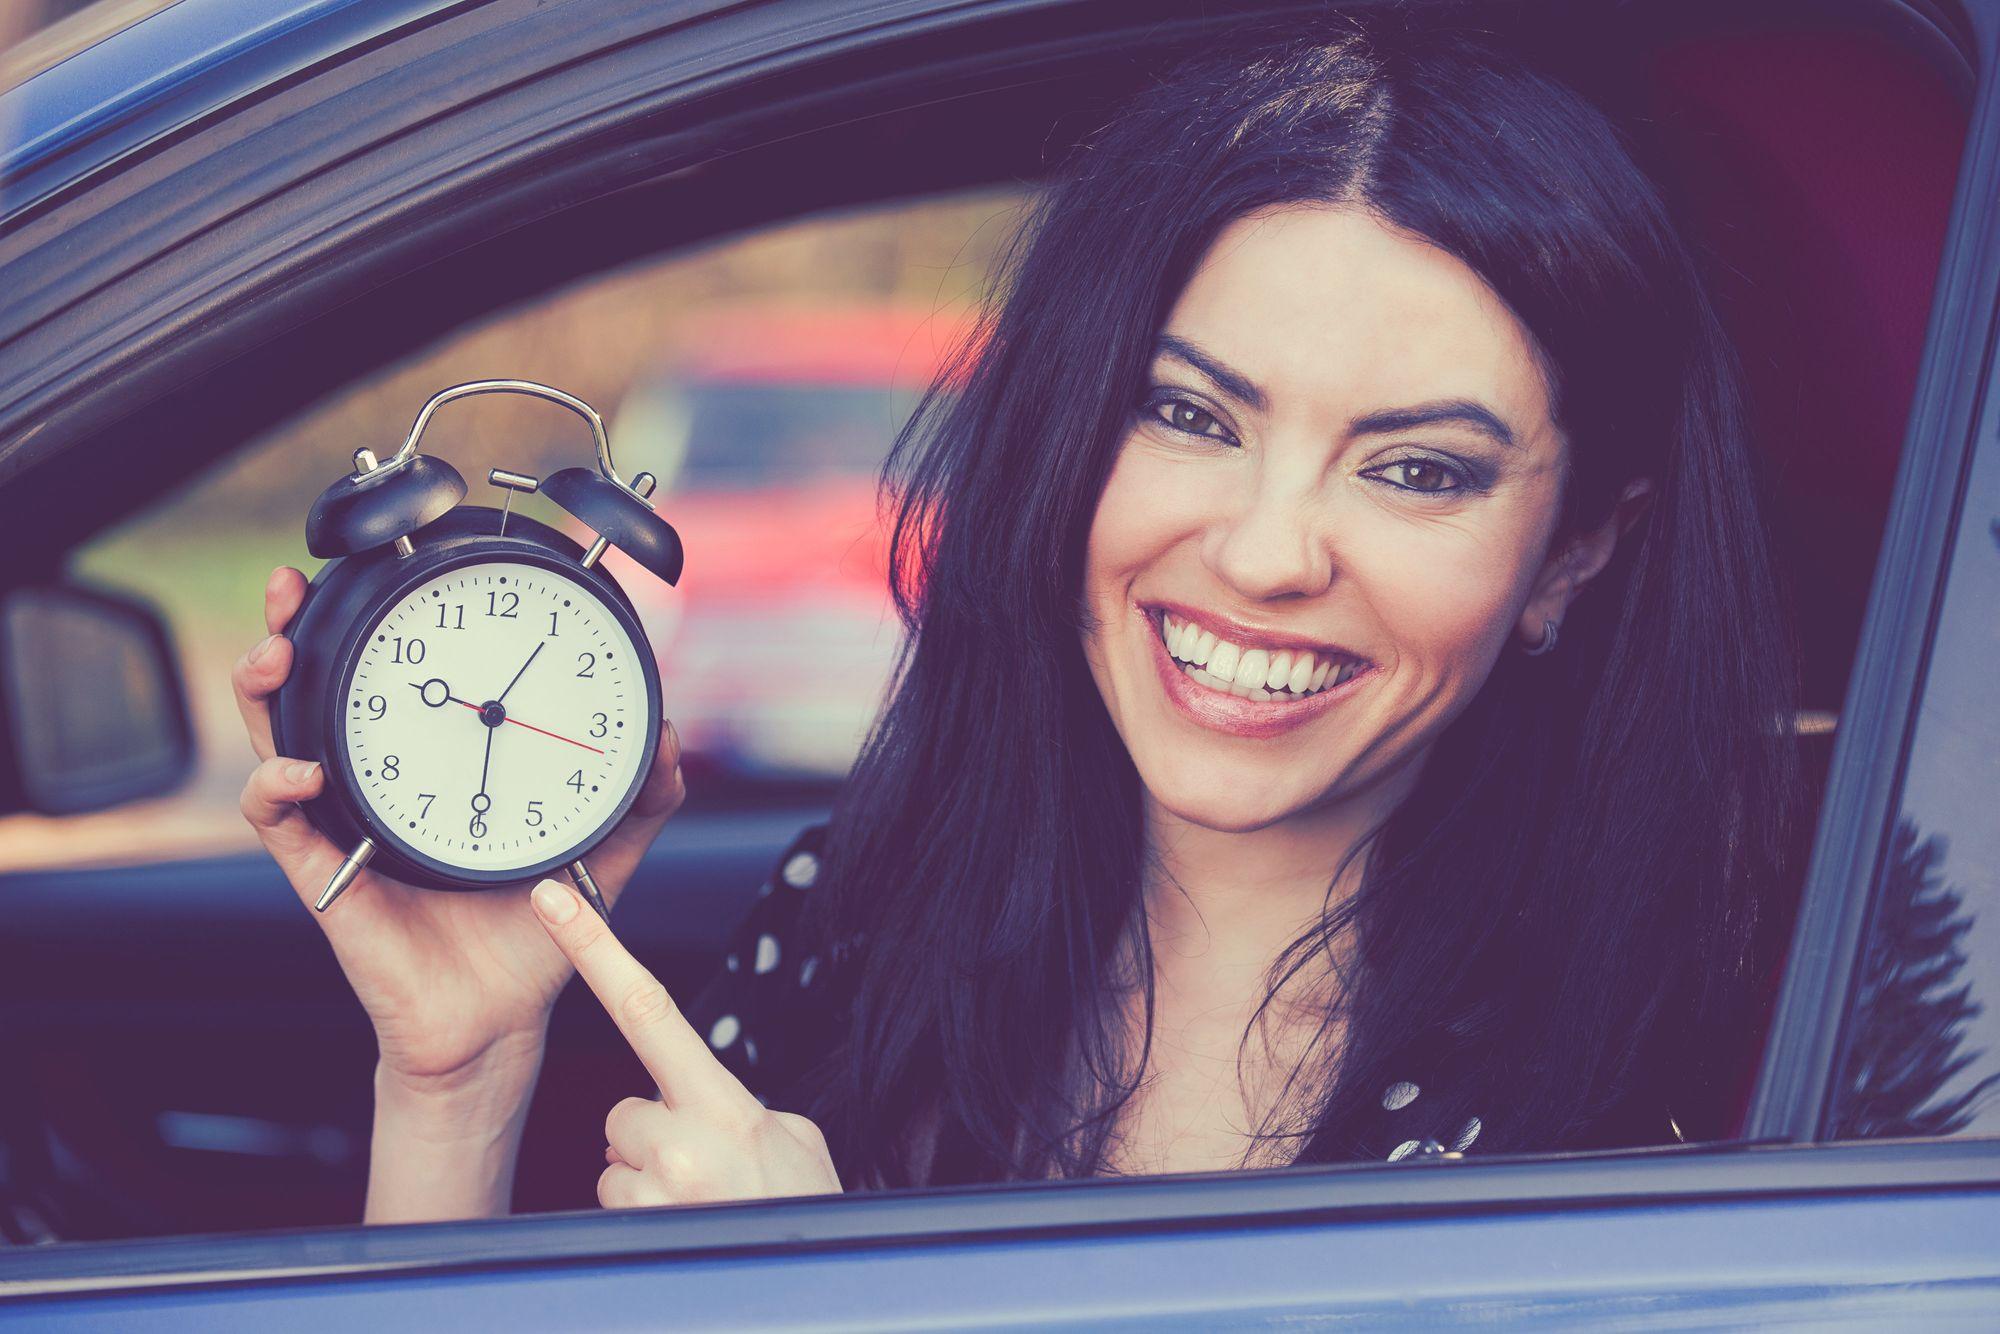 Aseguranza de automóvil temporal